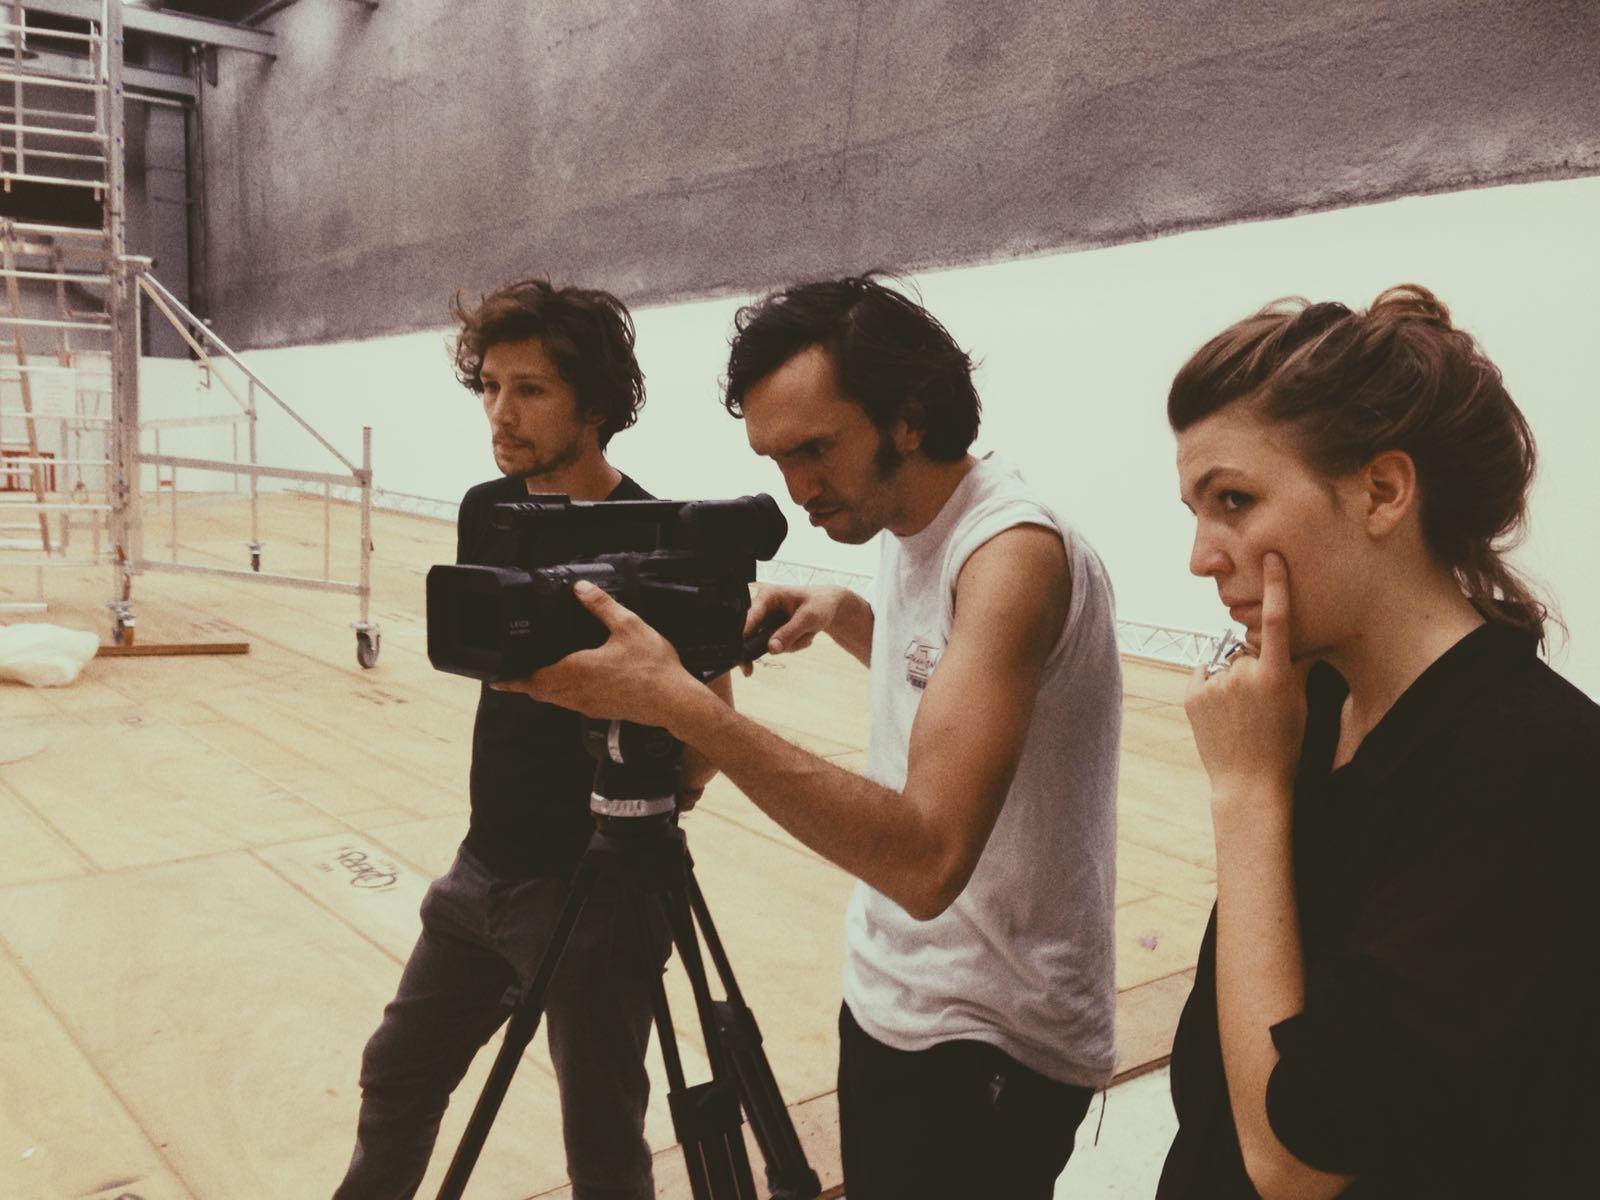 Répétitions d'Adieu Bohème avec Jeanne Frenkel et Cosme Castro © OnP Les Films Pelléas